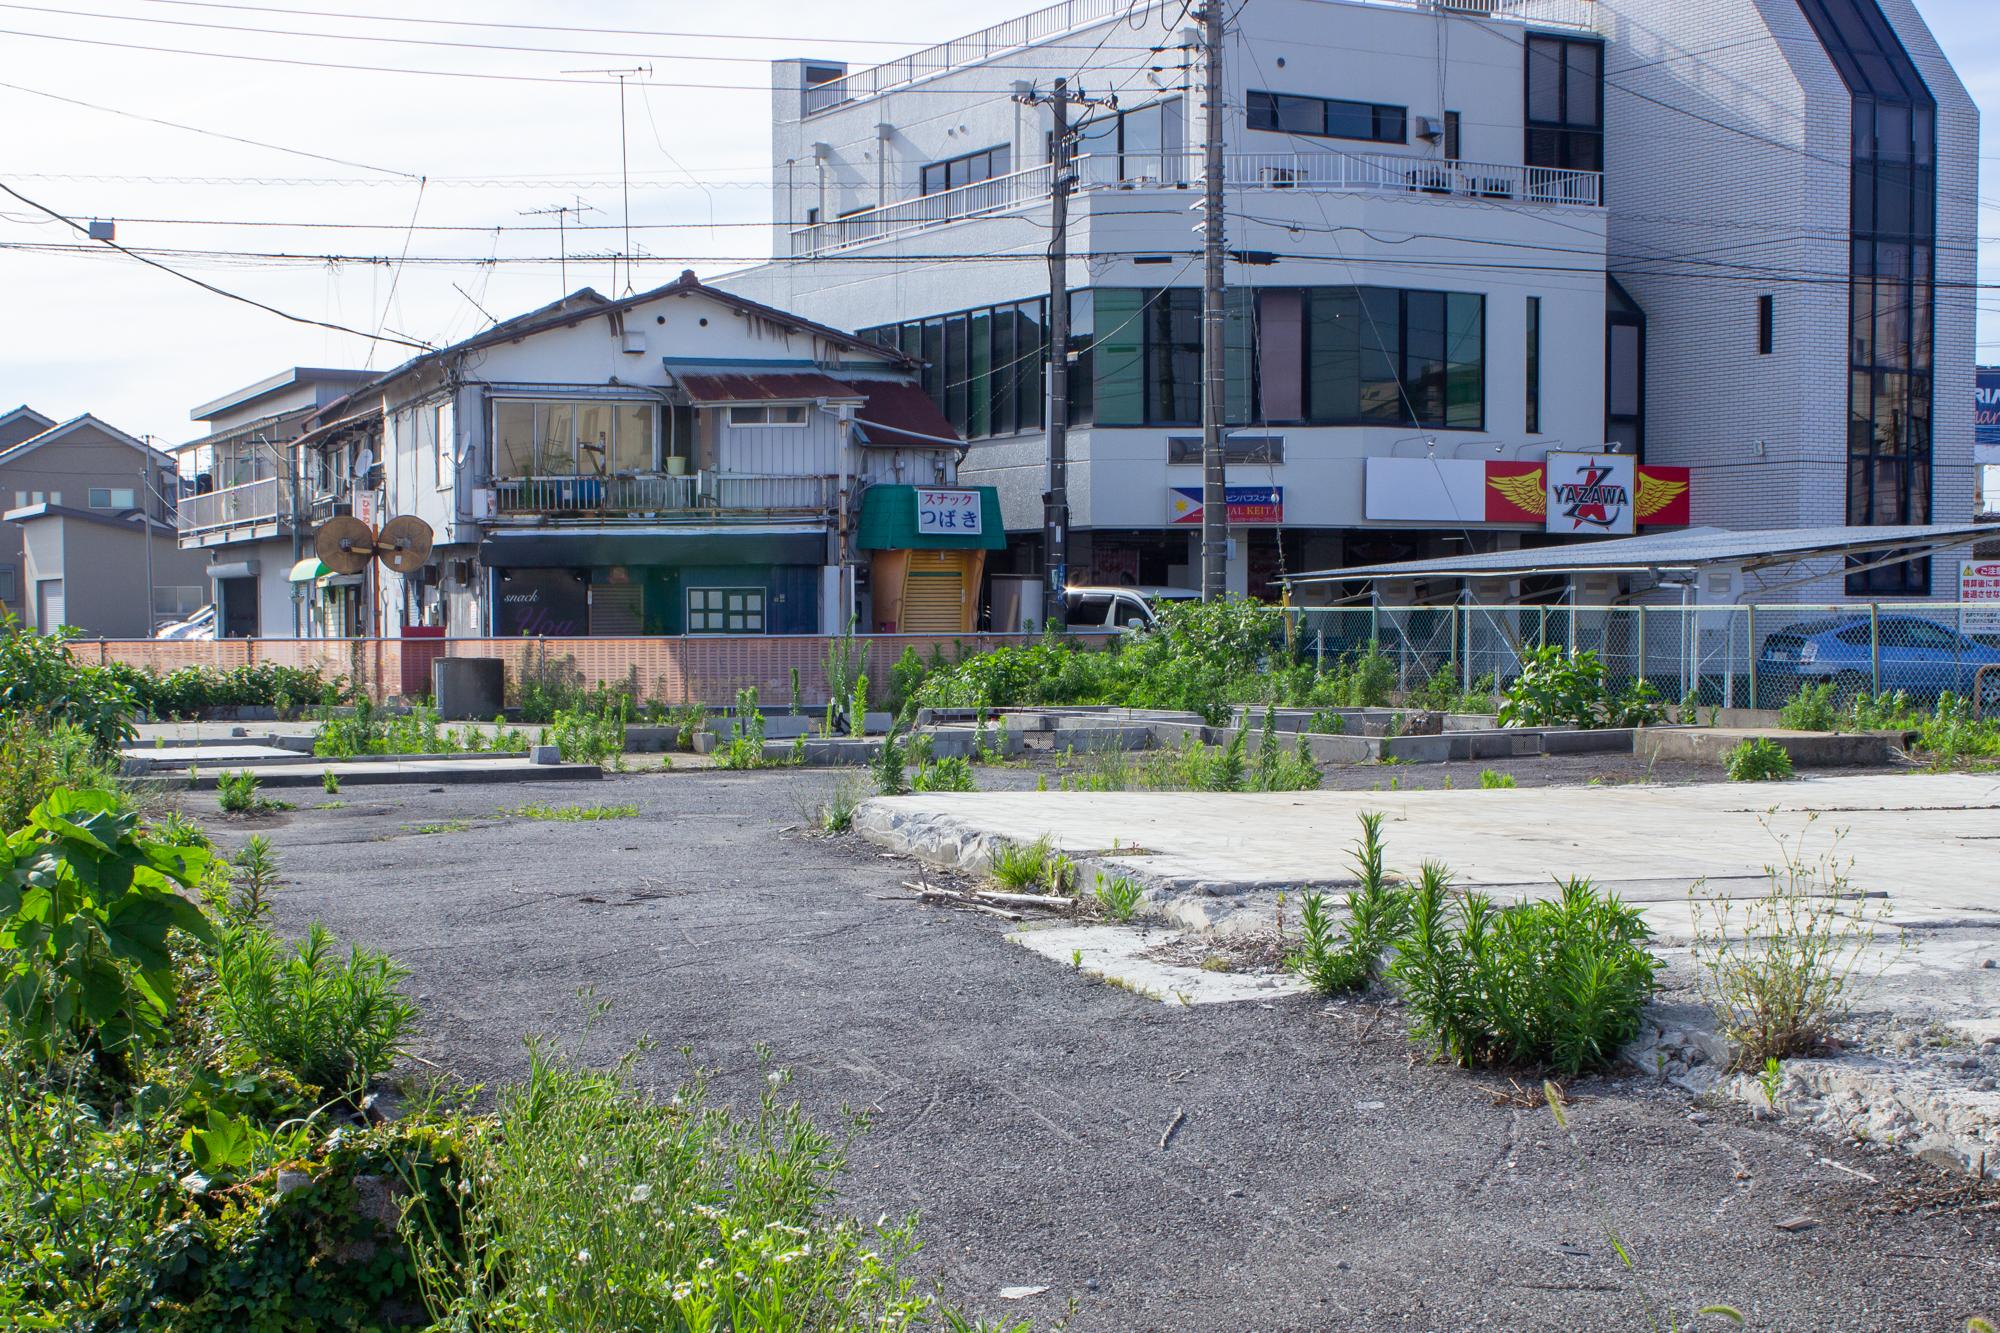 f:id:akichiniiko:20200528231407j:plain